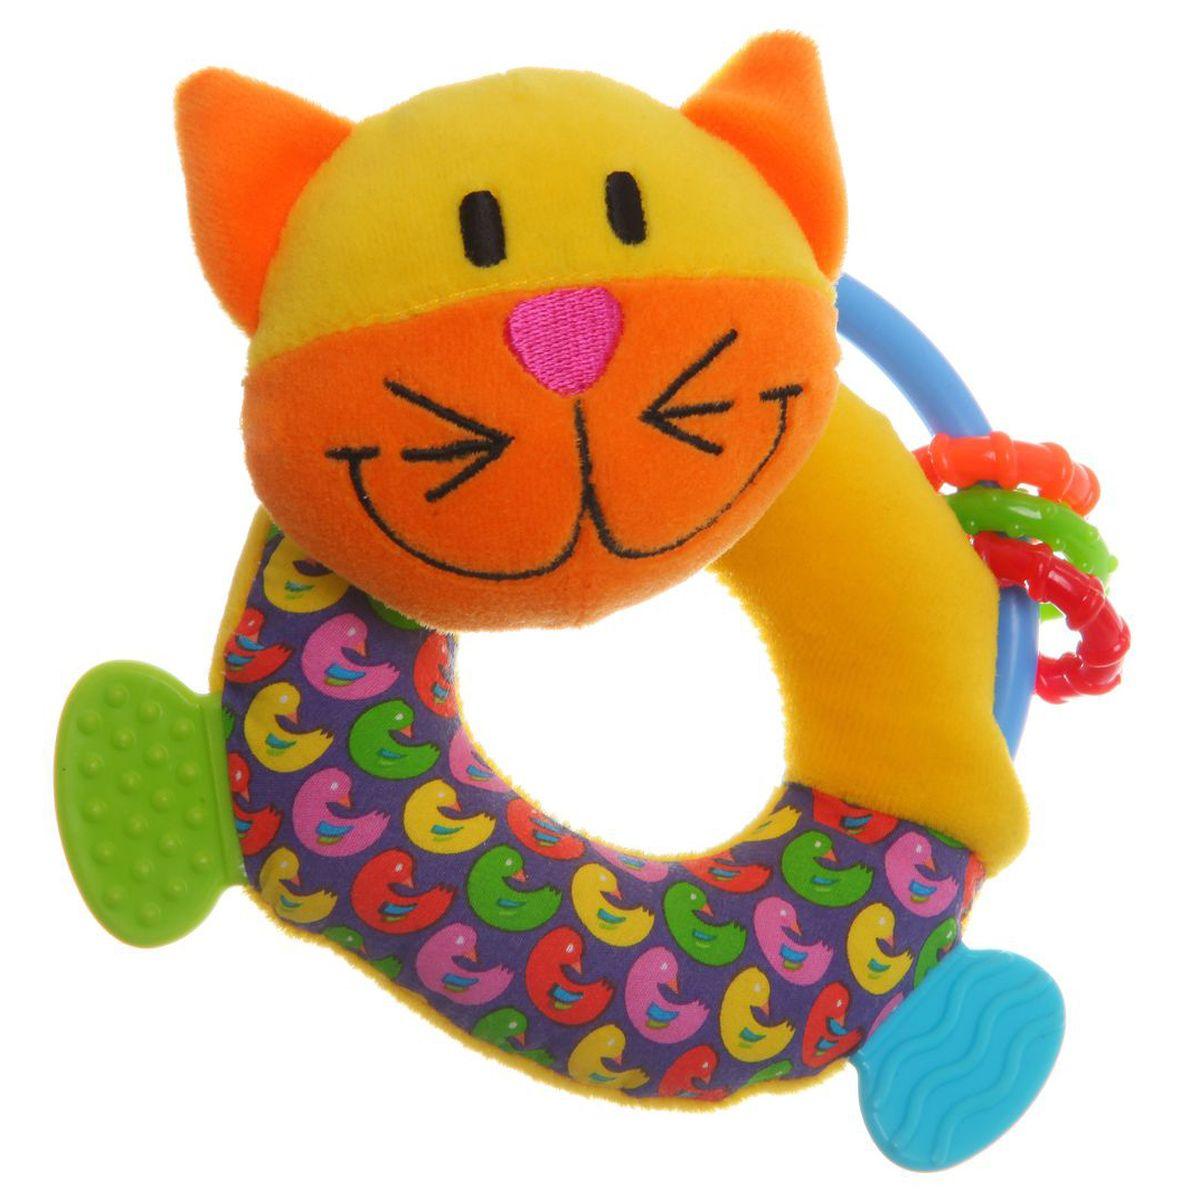 Bondibon Мягкая игрушка-погремушка Кот цвет желтый синийВВ1281Мягкие погремушки становятся самыми любимыми игрушками малышей в первые месяцы жизни. Именно погремушки передают крохам первый визуальный и тактильный опыт, а также учат находить взаимосвязь - если потрясти погремушку, то возникнет звук! Погремушка имеет форму кота, а вместо ножек у нее - прорезыватель для зубов, выполненный из качественного и безопасного материала.